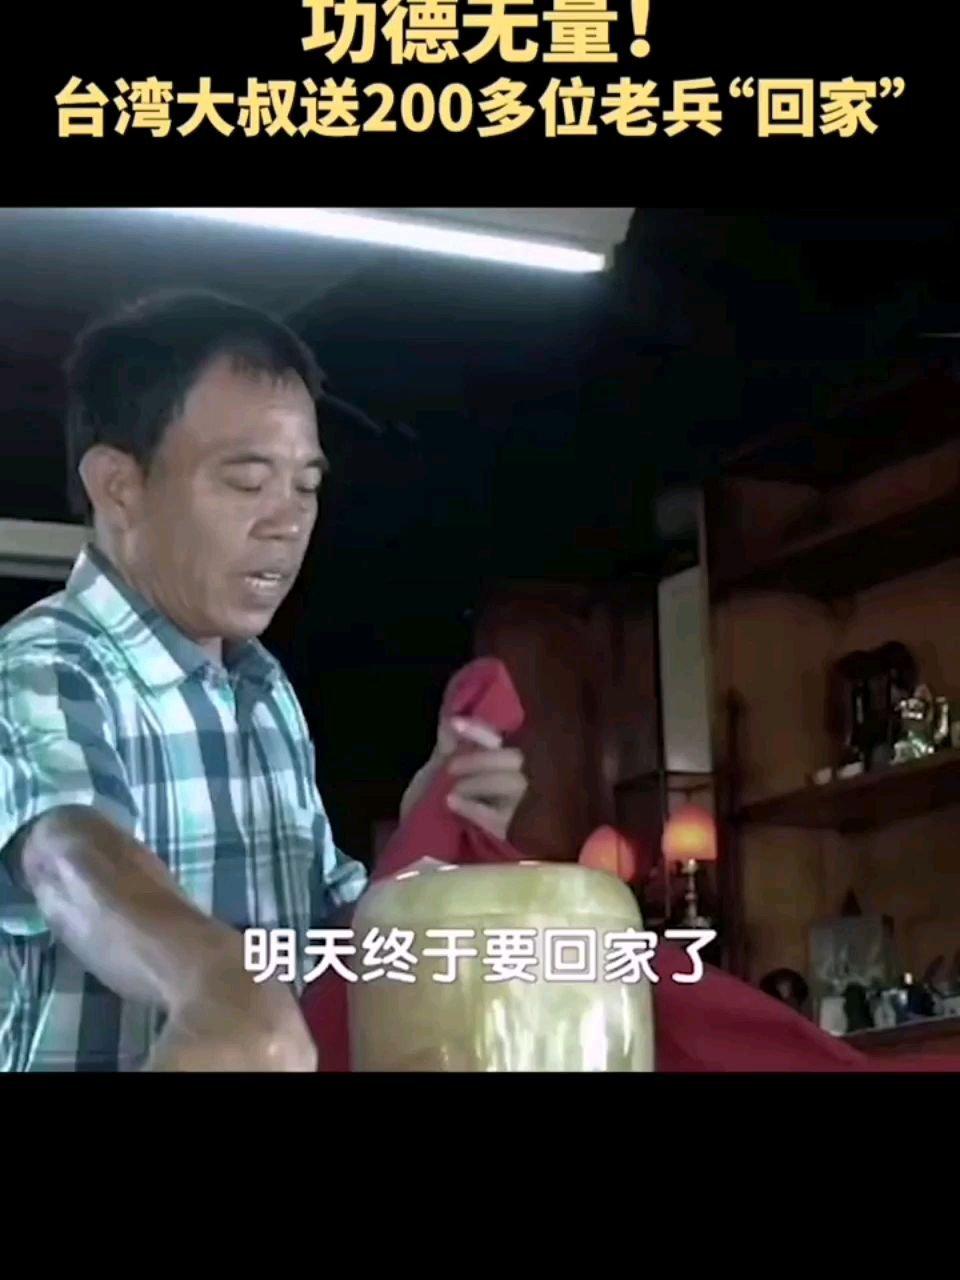 谢谢你  台湾同胞  刘德文[拥抱]#我的七星推荐主播 #感动中国